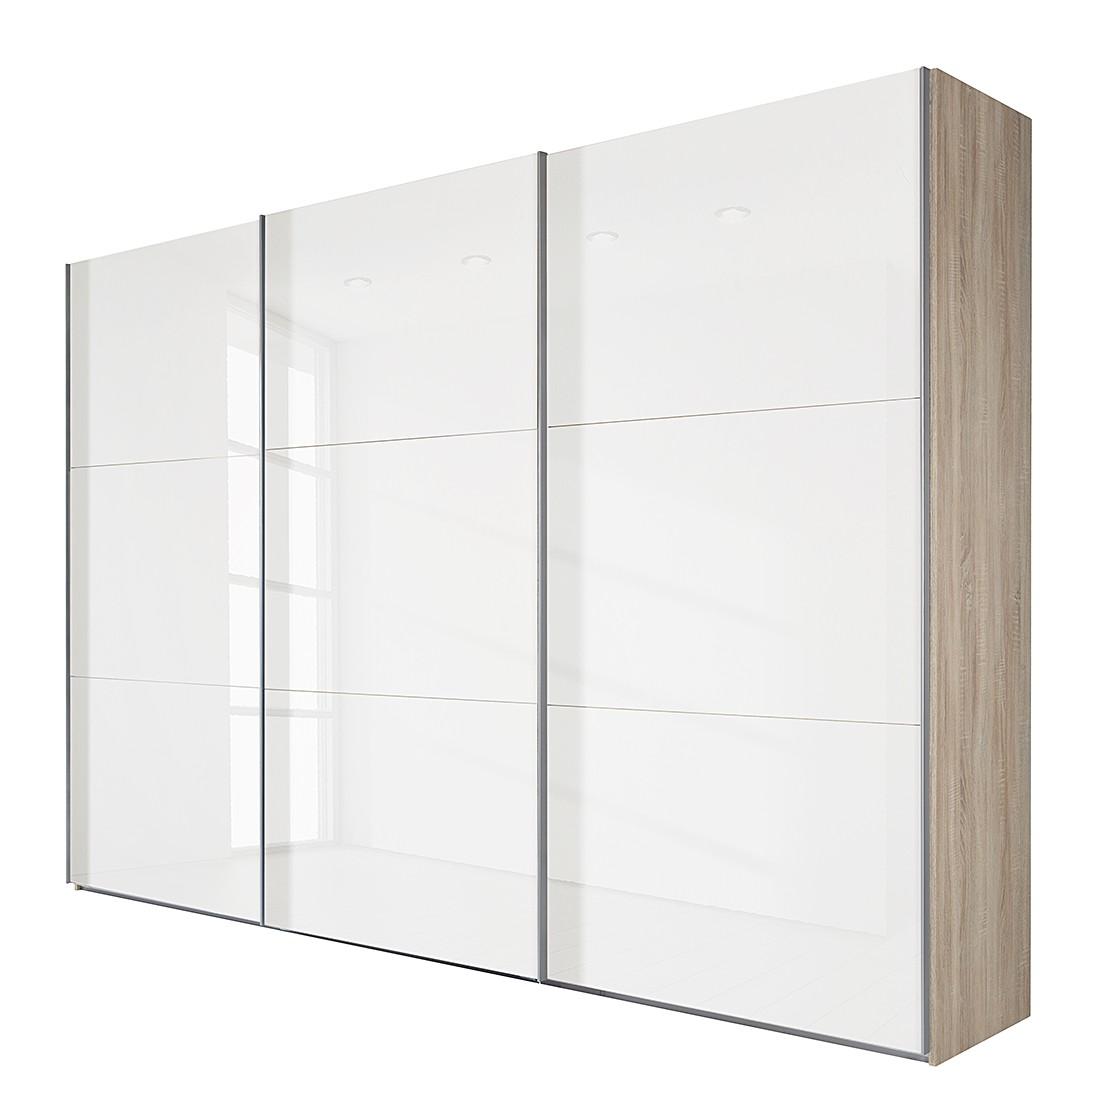 Schwebetürenschrank MatchUp I – Eiche Sägerau Dekor/Weißglas – Breite x Höhe: 225 x 210 cm – 2-türig, Wimex online kaufen